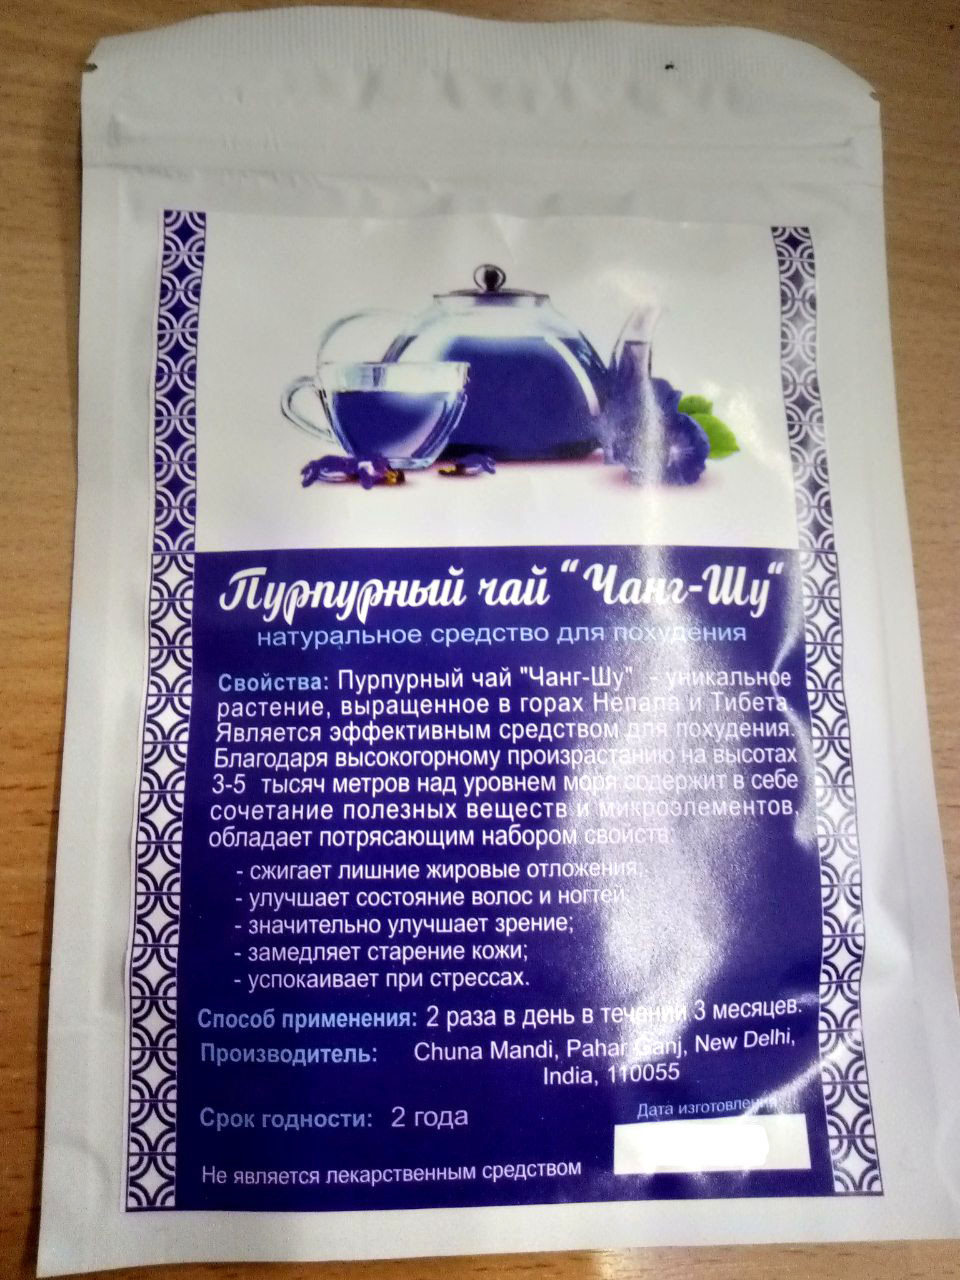 Пурпурный чай Чанг-Шу - натуральное средство для похудения 10 грамм